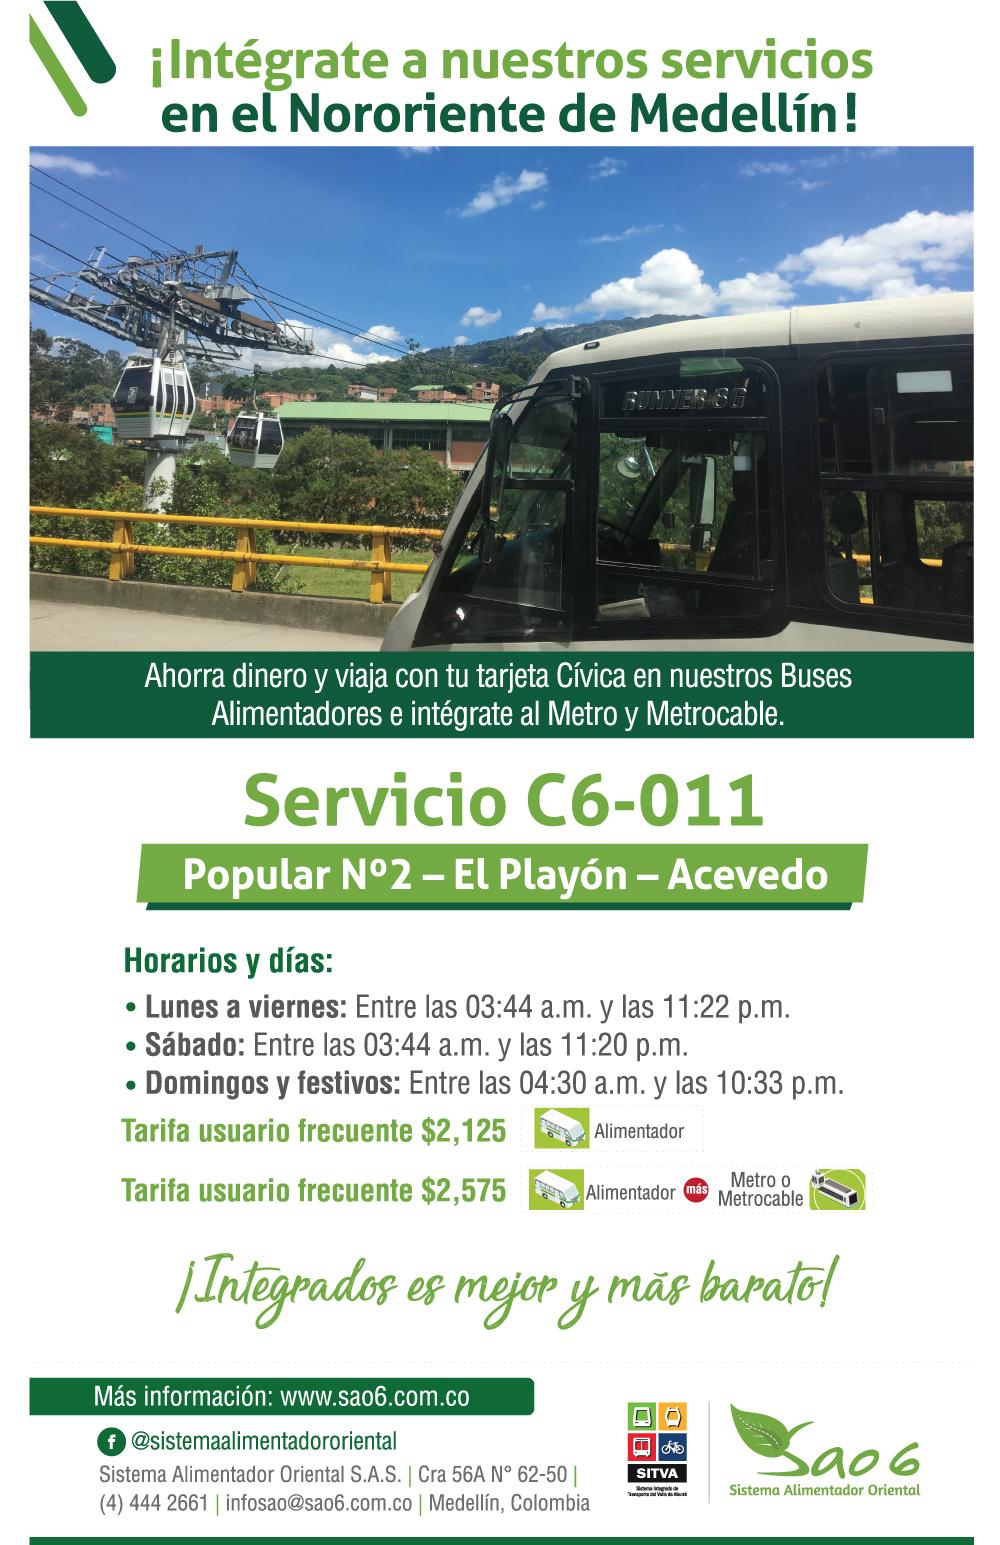 Servicio-C6-011